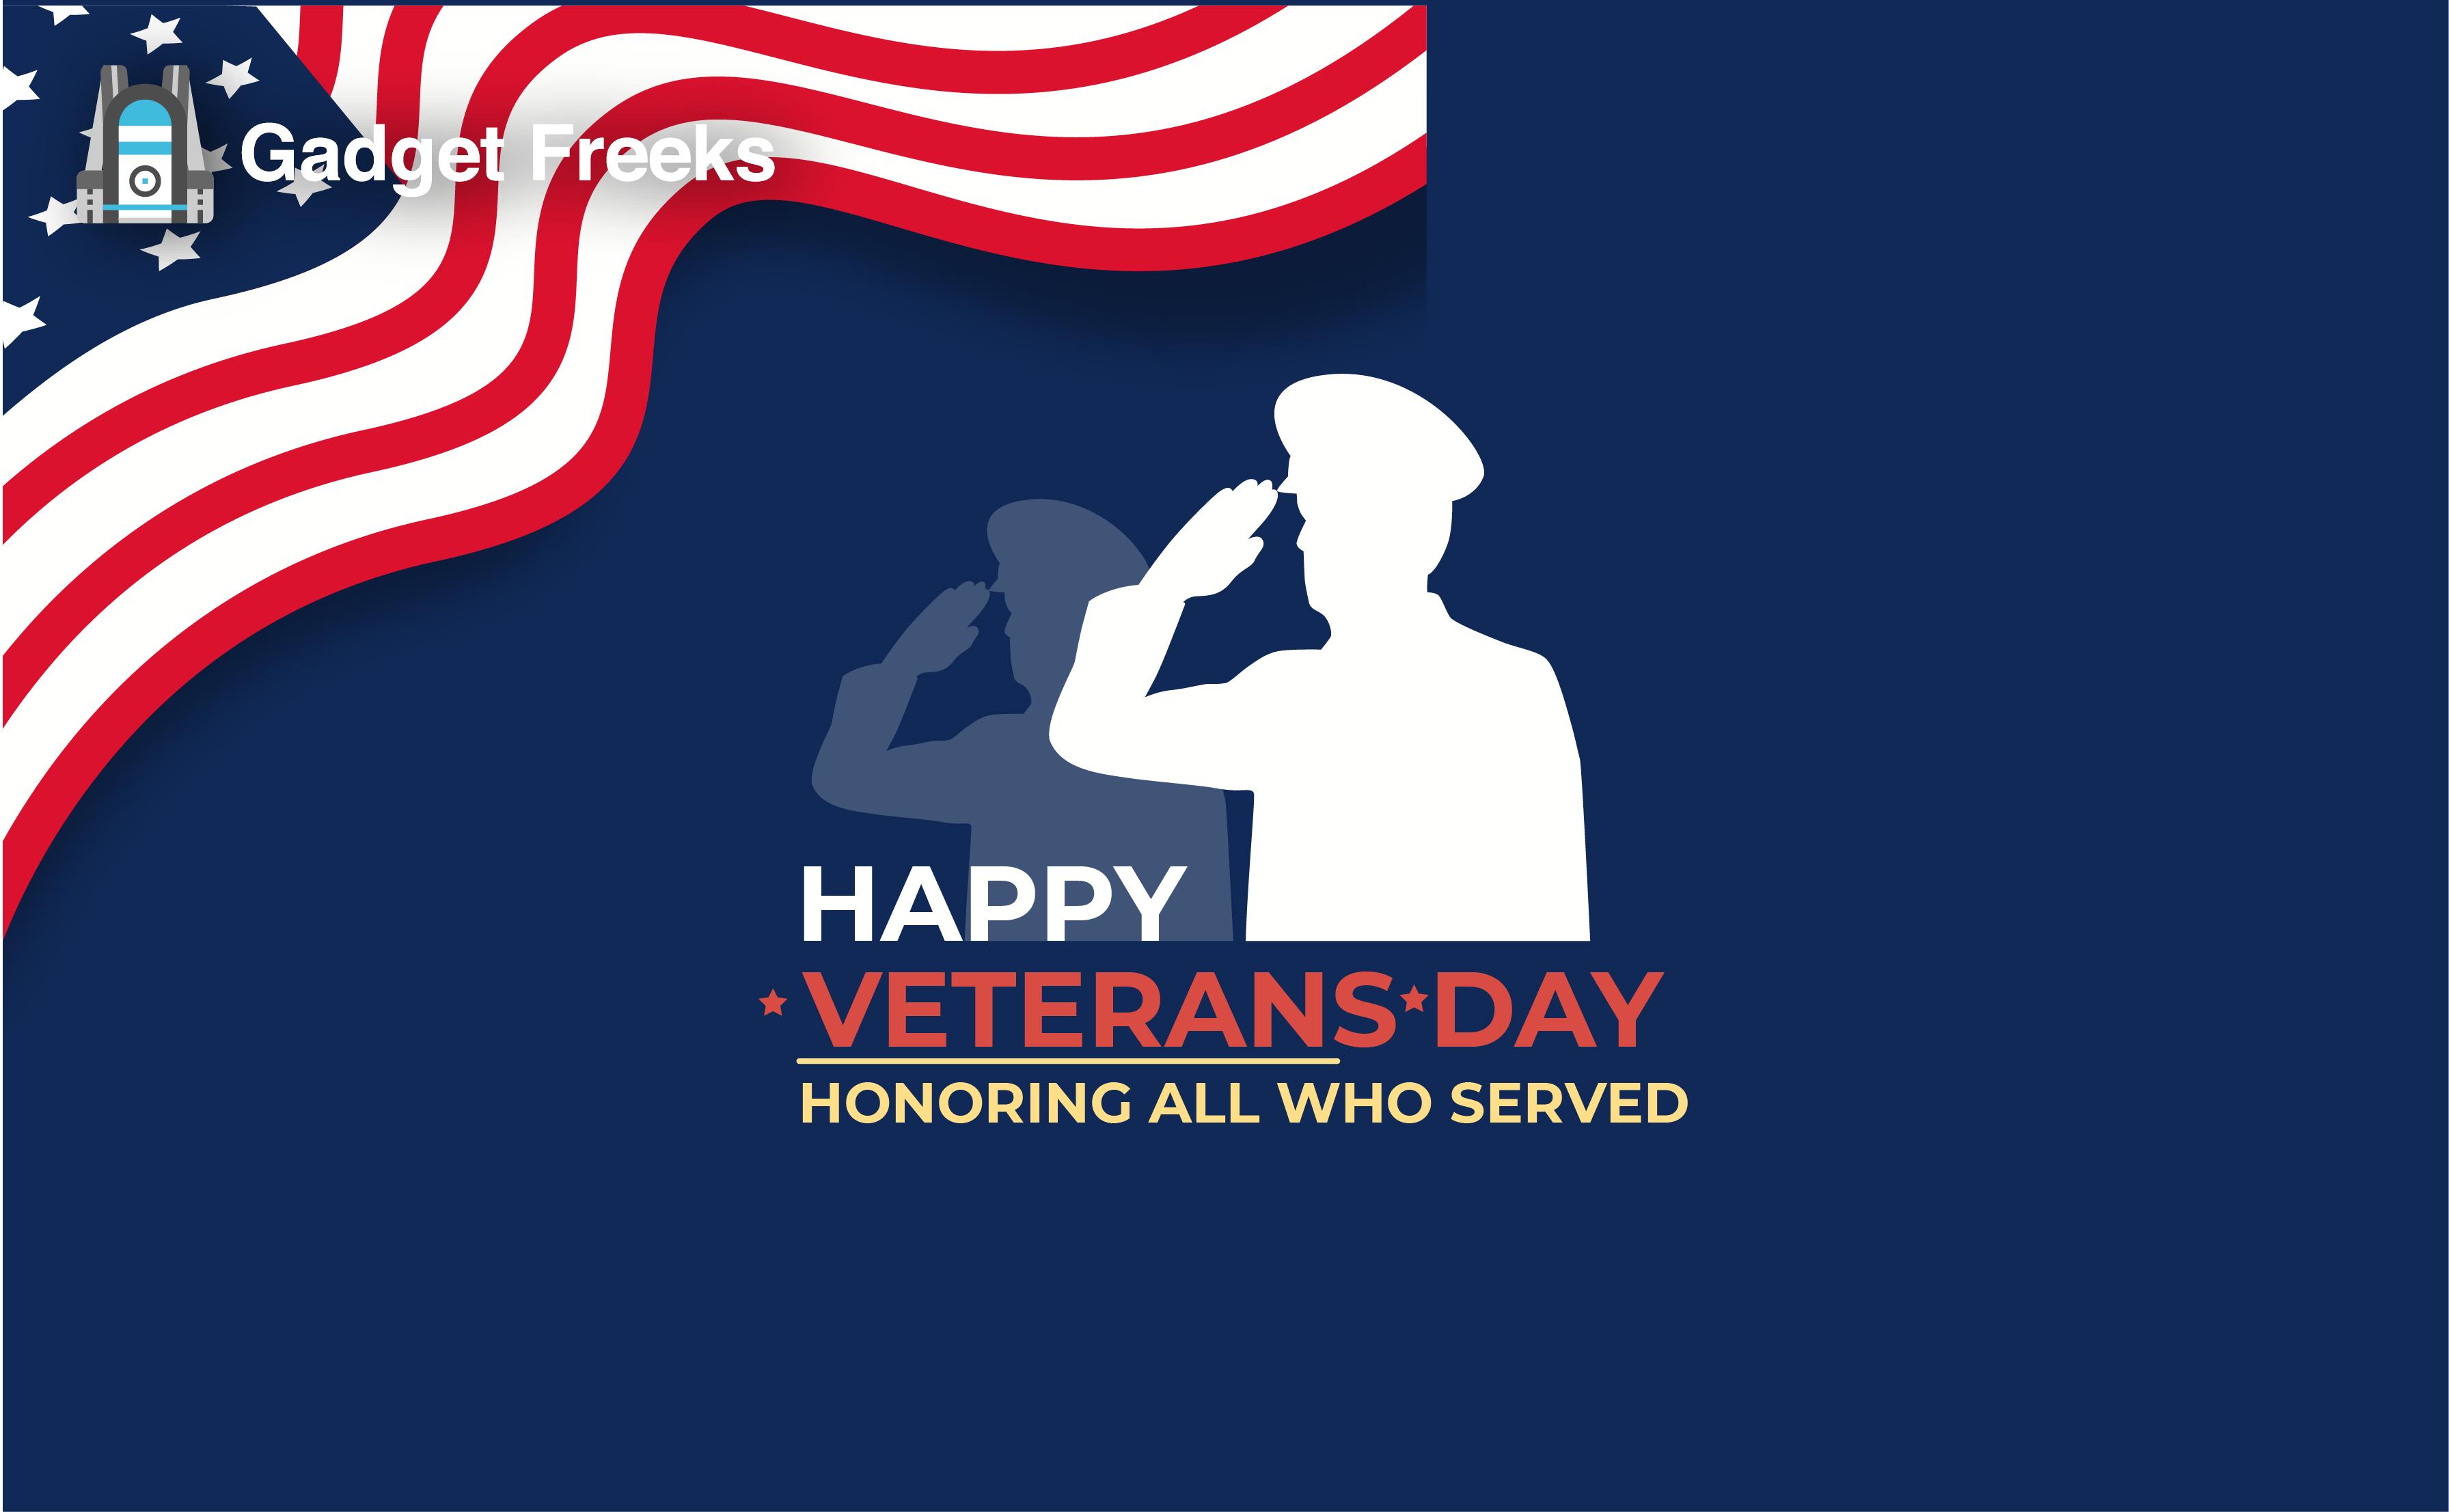 Veterans Day Photos